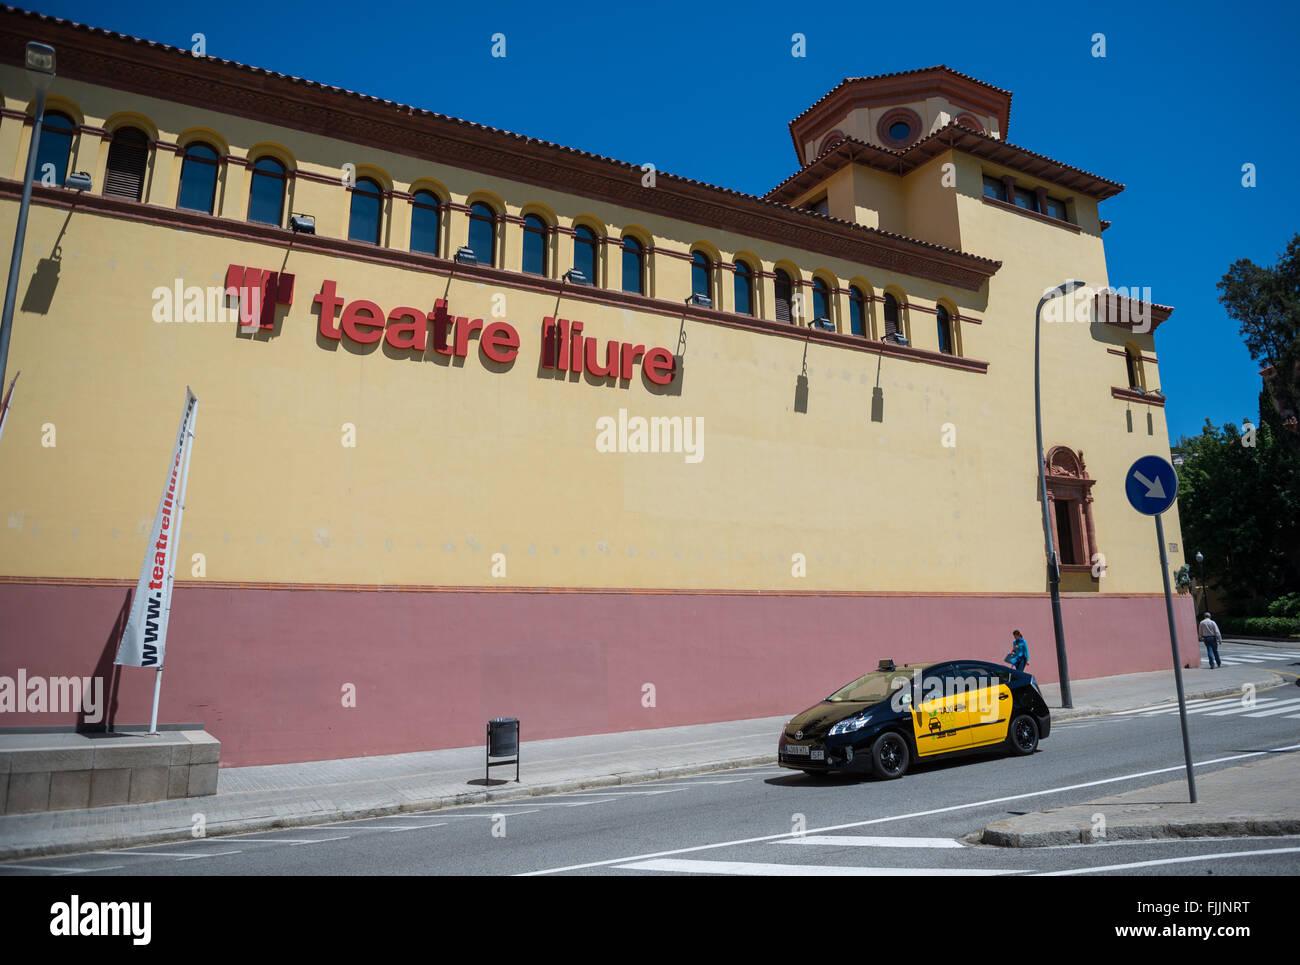 Teatre Lliure in Barcelona, Spain - Stock Image